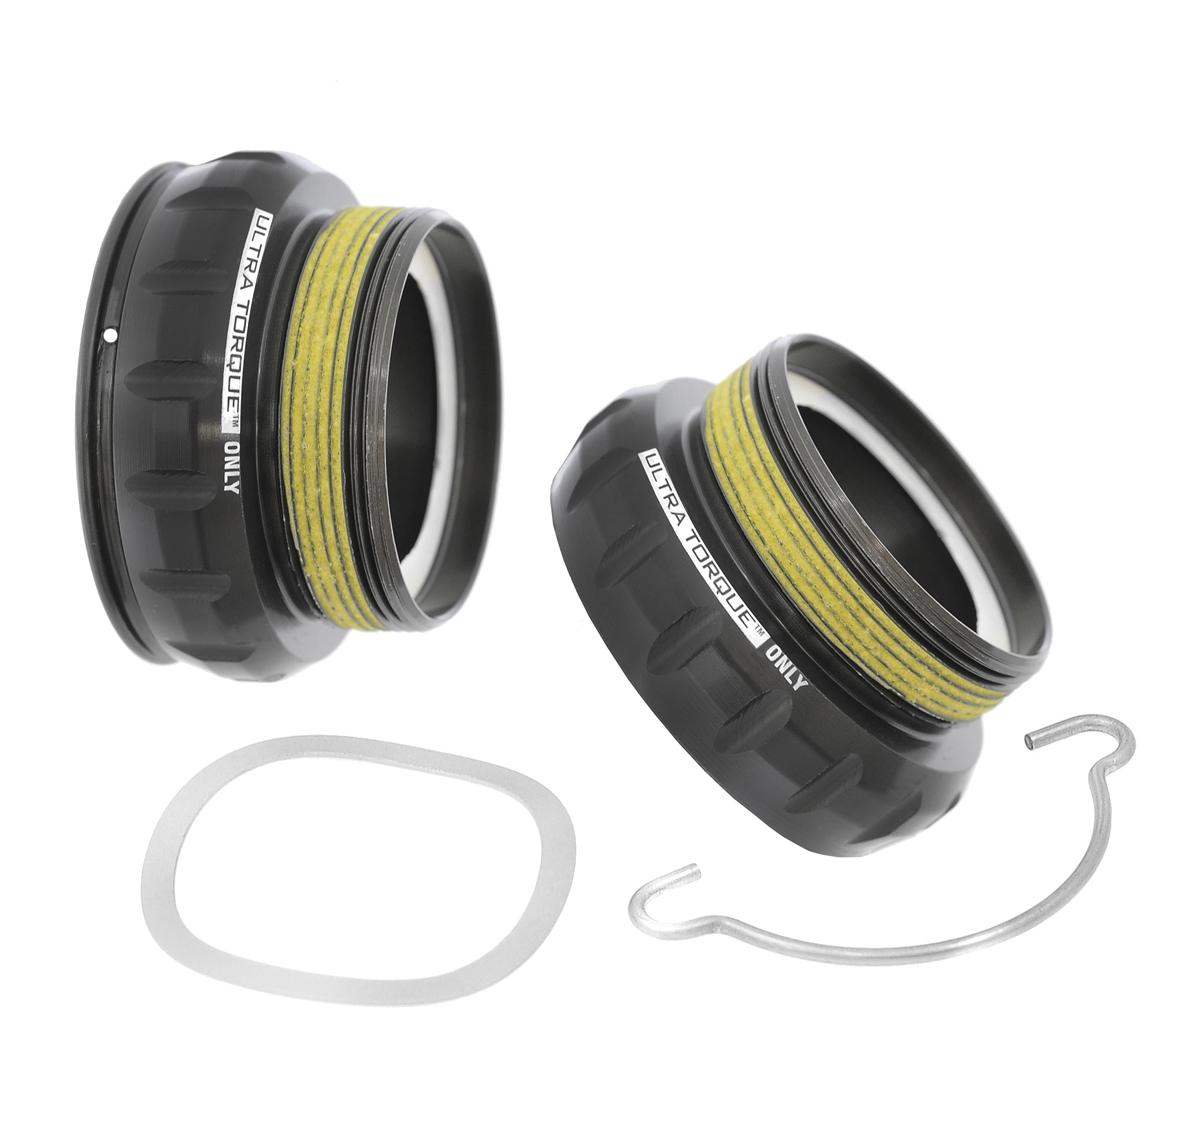 Campagnolo Record Ultra Torque krankleje skåle BSA - 179,00 | Bottom brackets bearings